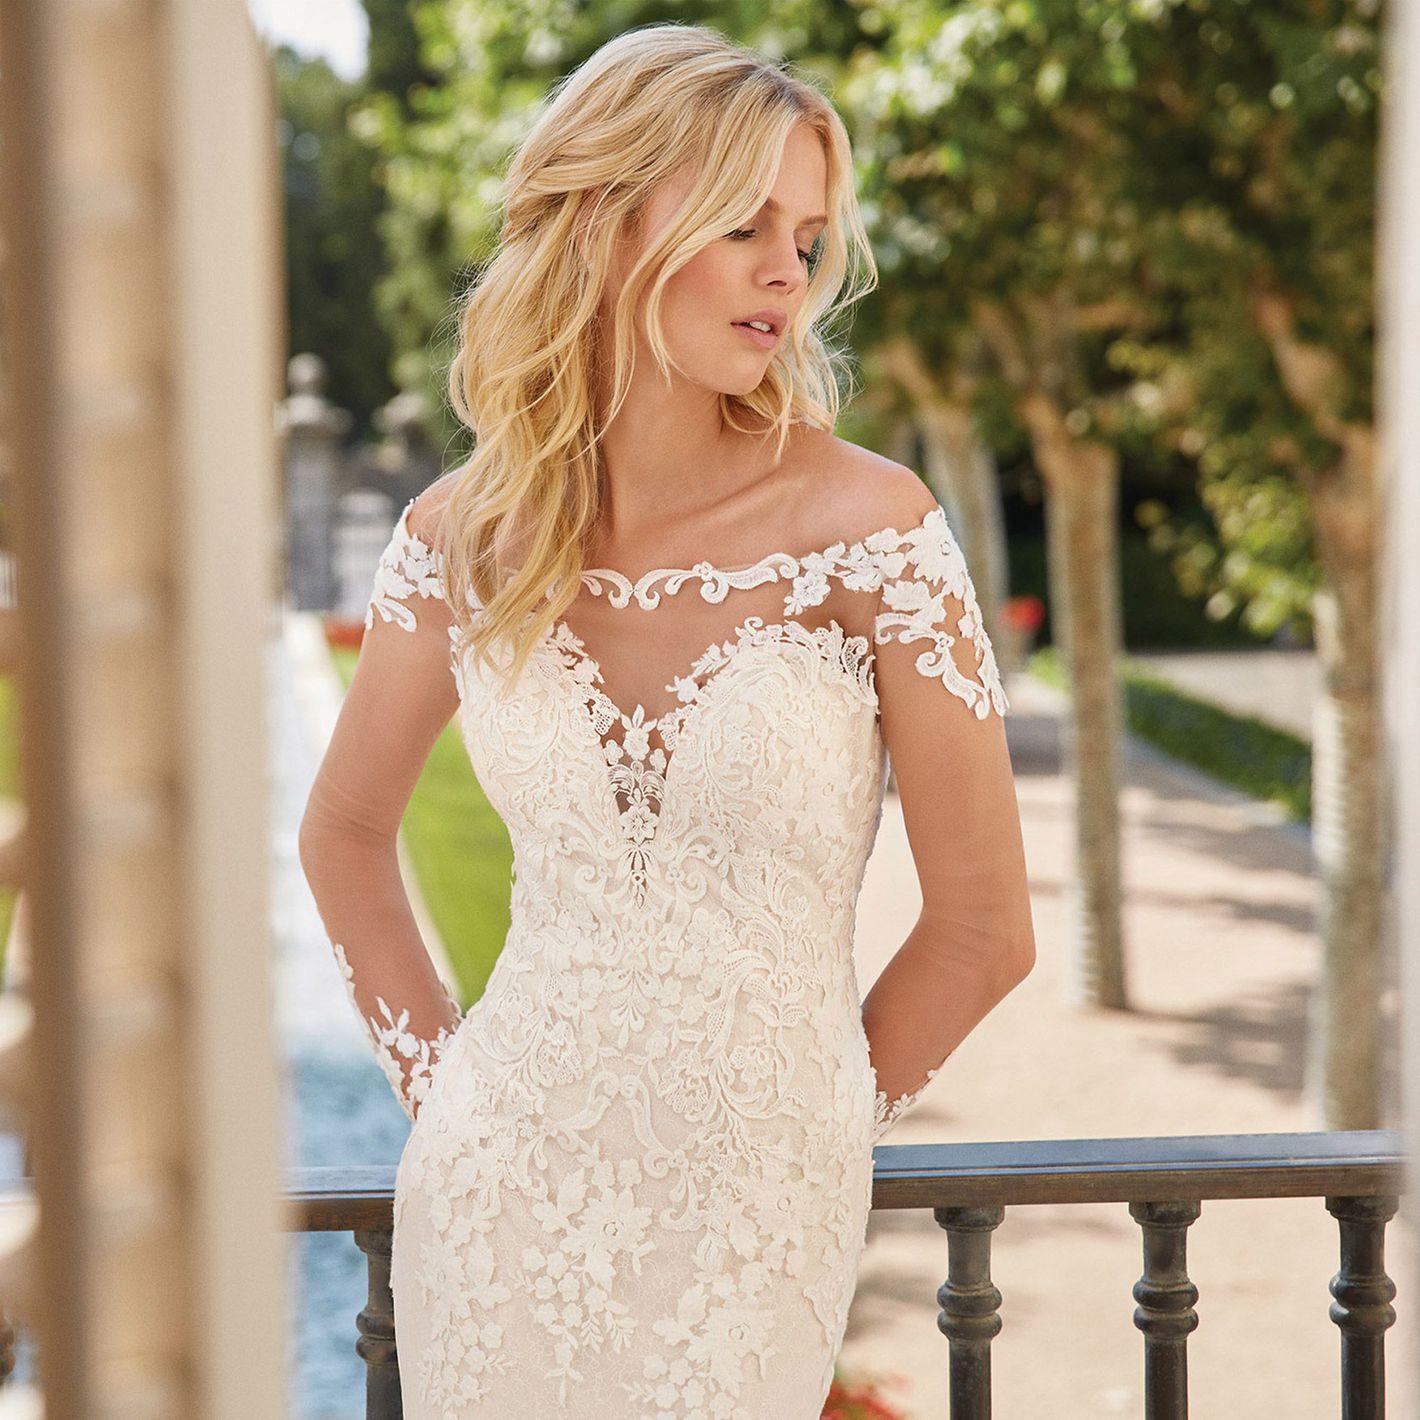 Sincerity Bridal - Style 44059: Robe moulante et évasée avec épaules dégagées illusion en dentelle